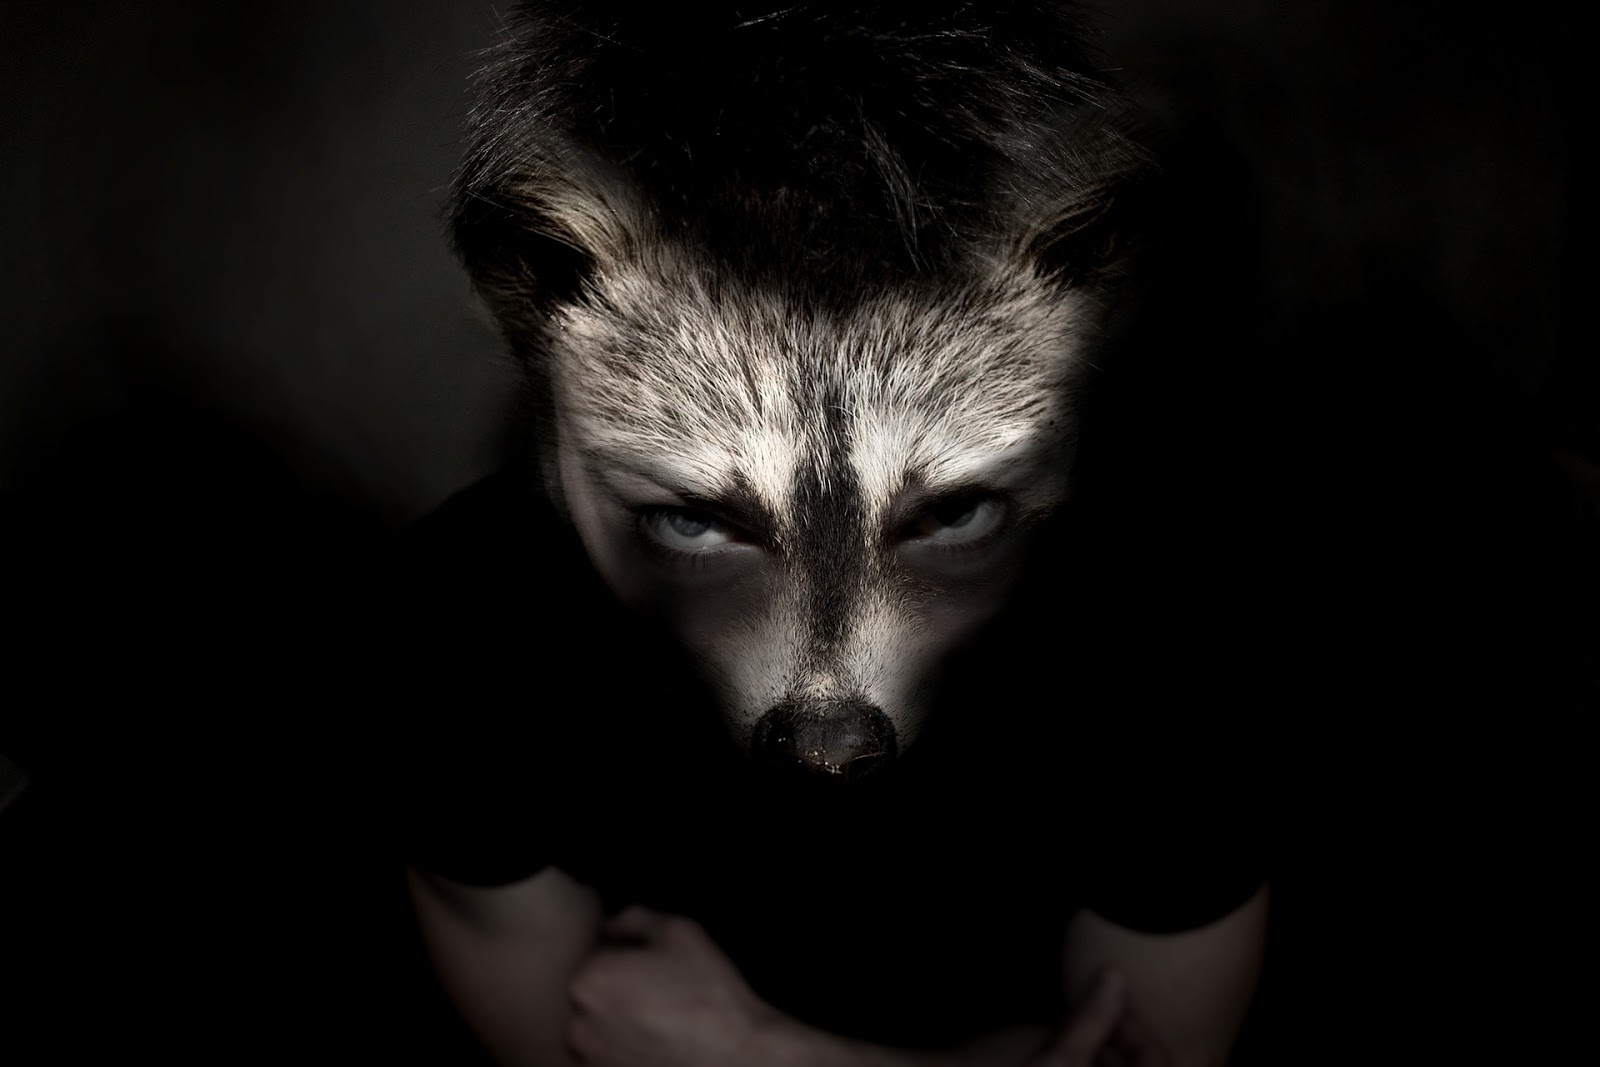 Parte humano, parte animal: é a zoomorfização